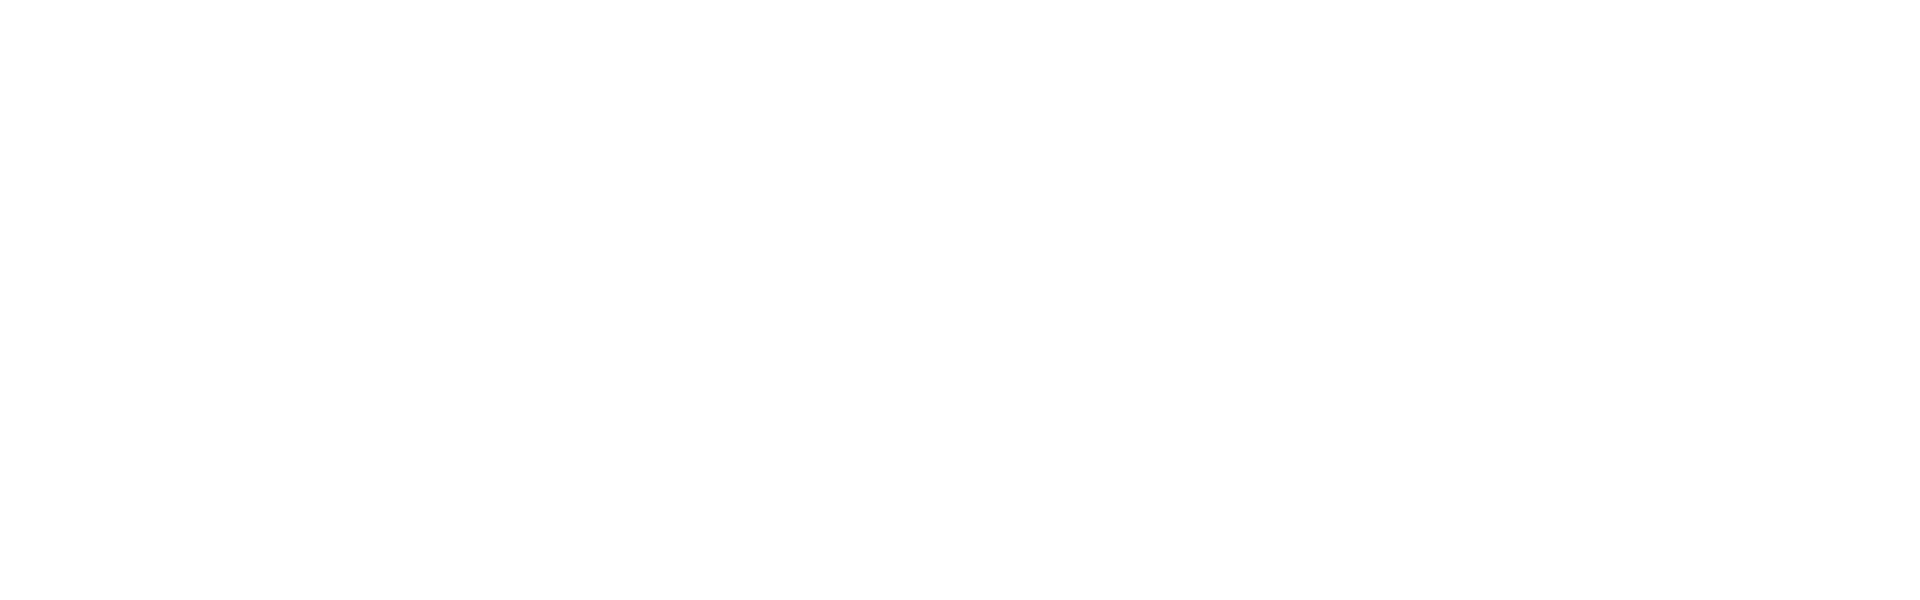 SLID-Bonne-ann-e-06